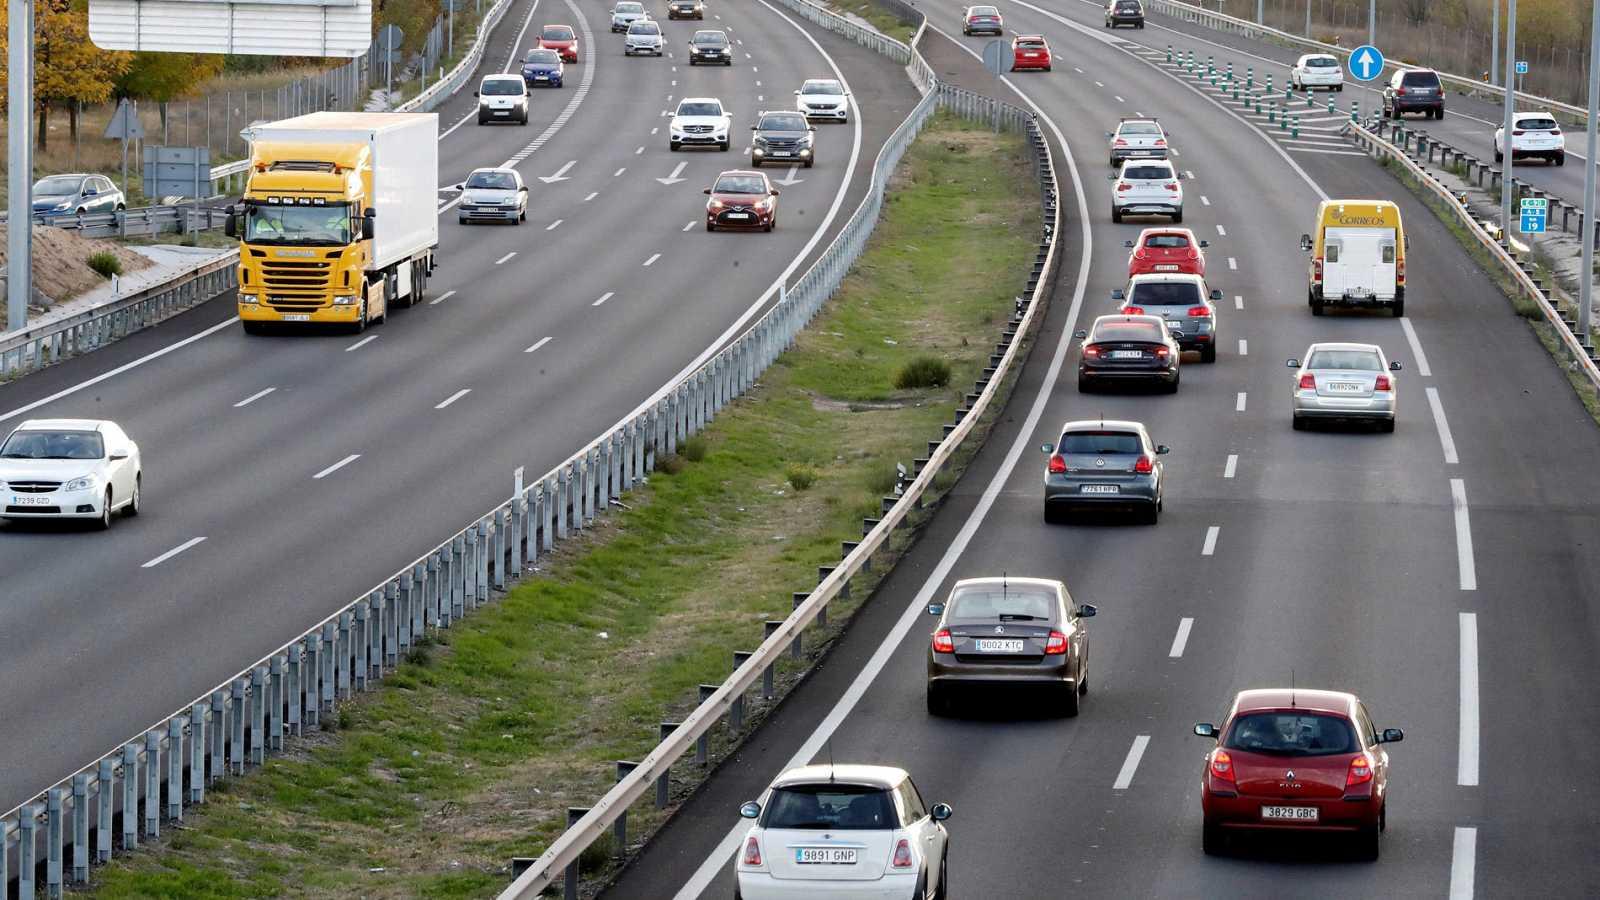 Veinte personas han muerto en los17 accidentes mortales registrados en las carreteras